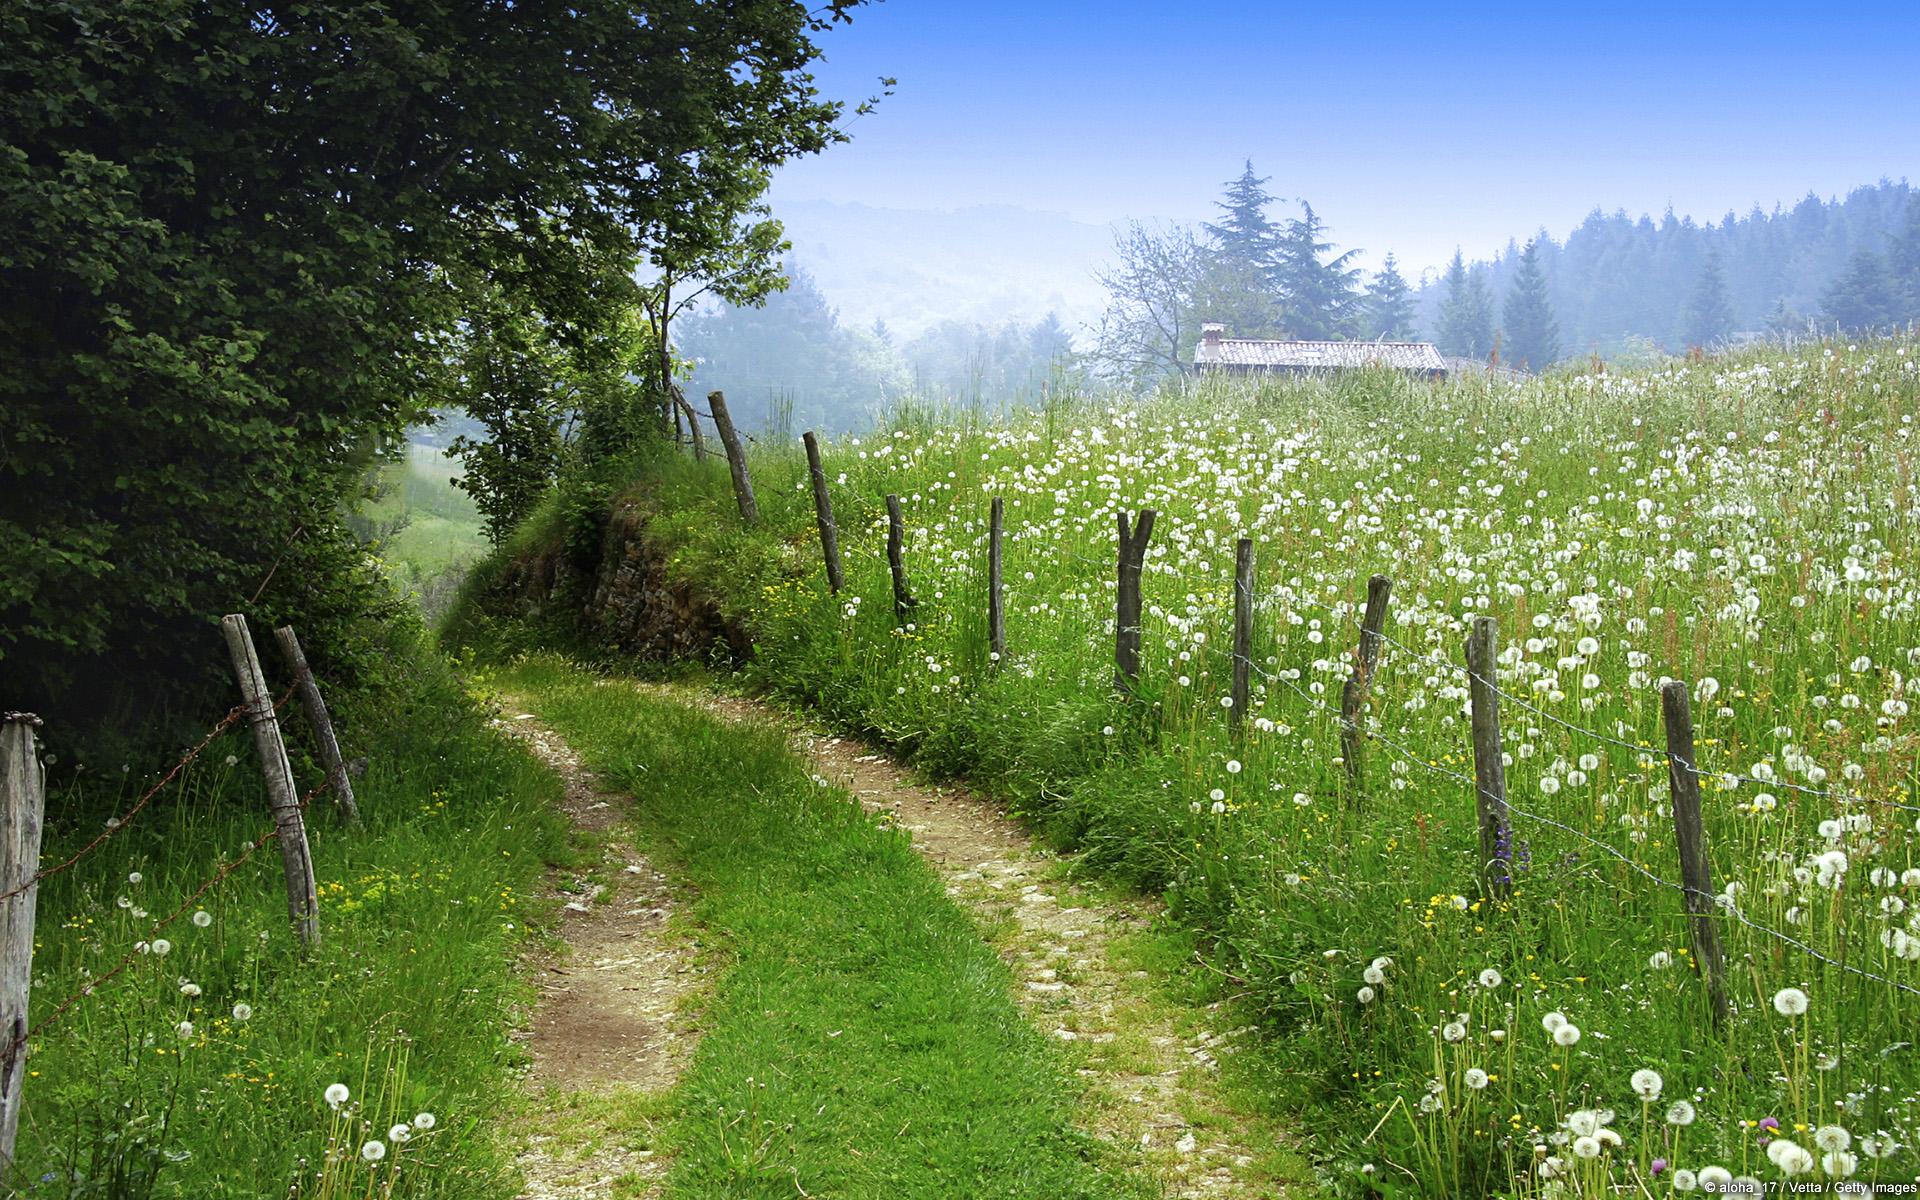 Scarica questo sfondo Campo di fiori selvatici 1920x1200